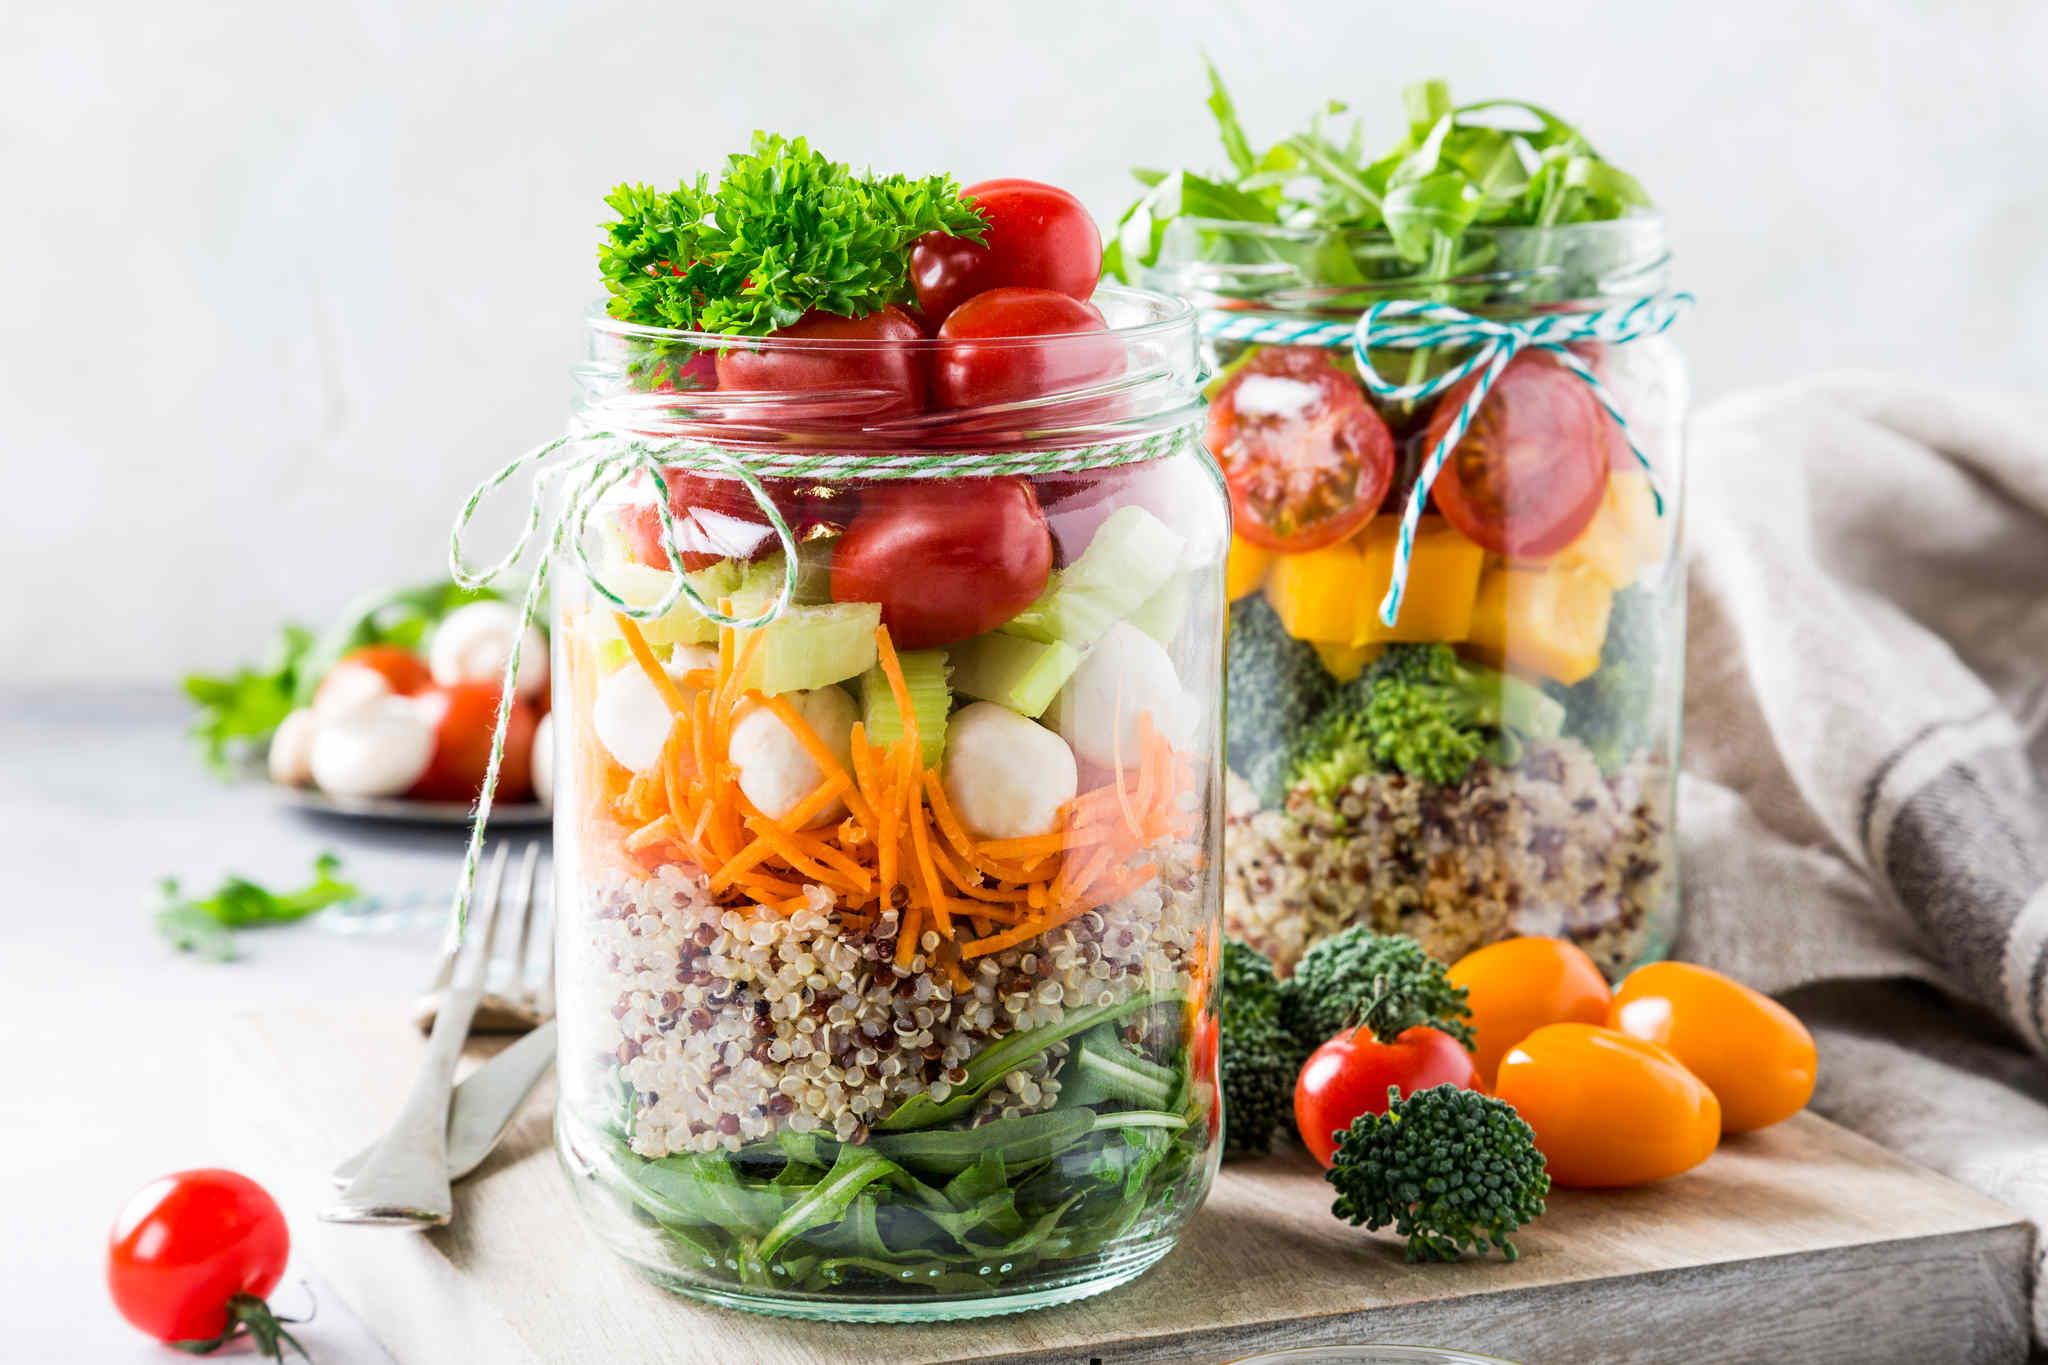 Kavanozun içindeki sağlıklı meyveler ve sebzeler, detoks diyeti nasıl yapılır